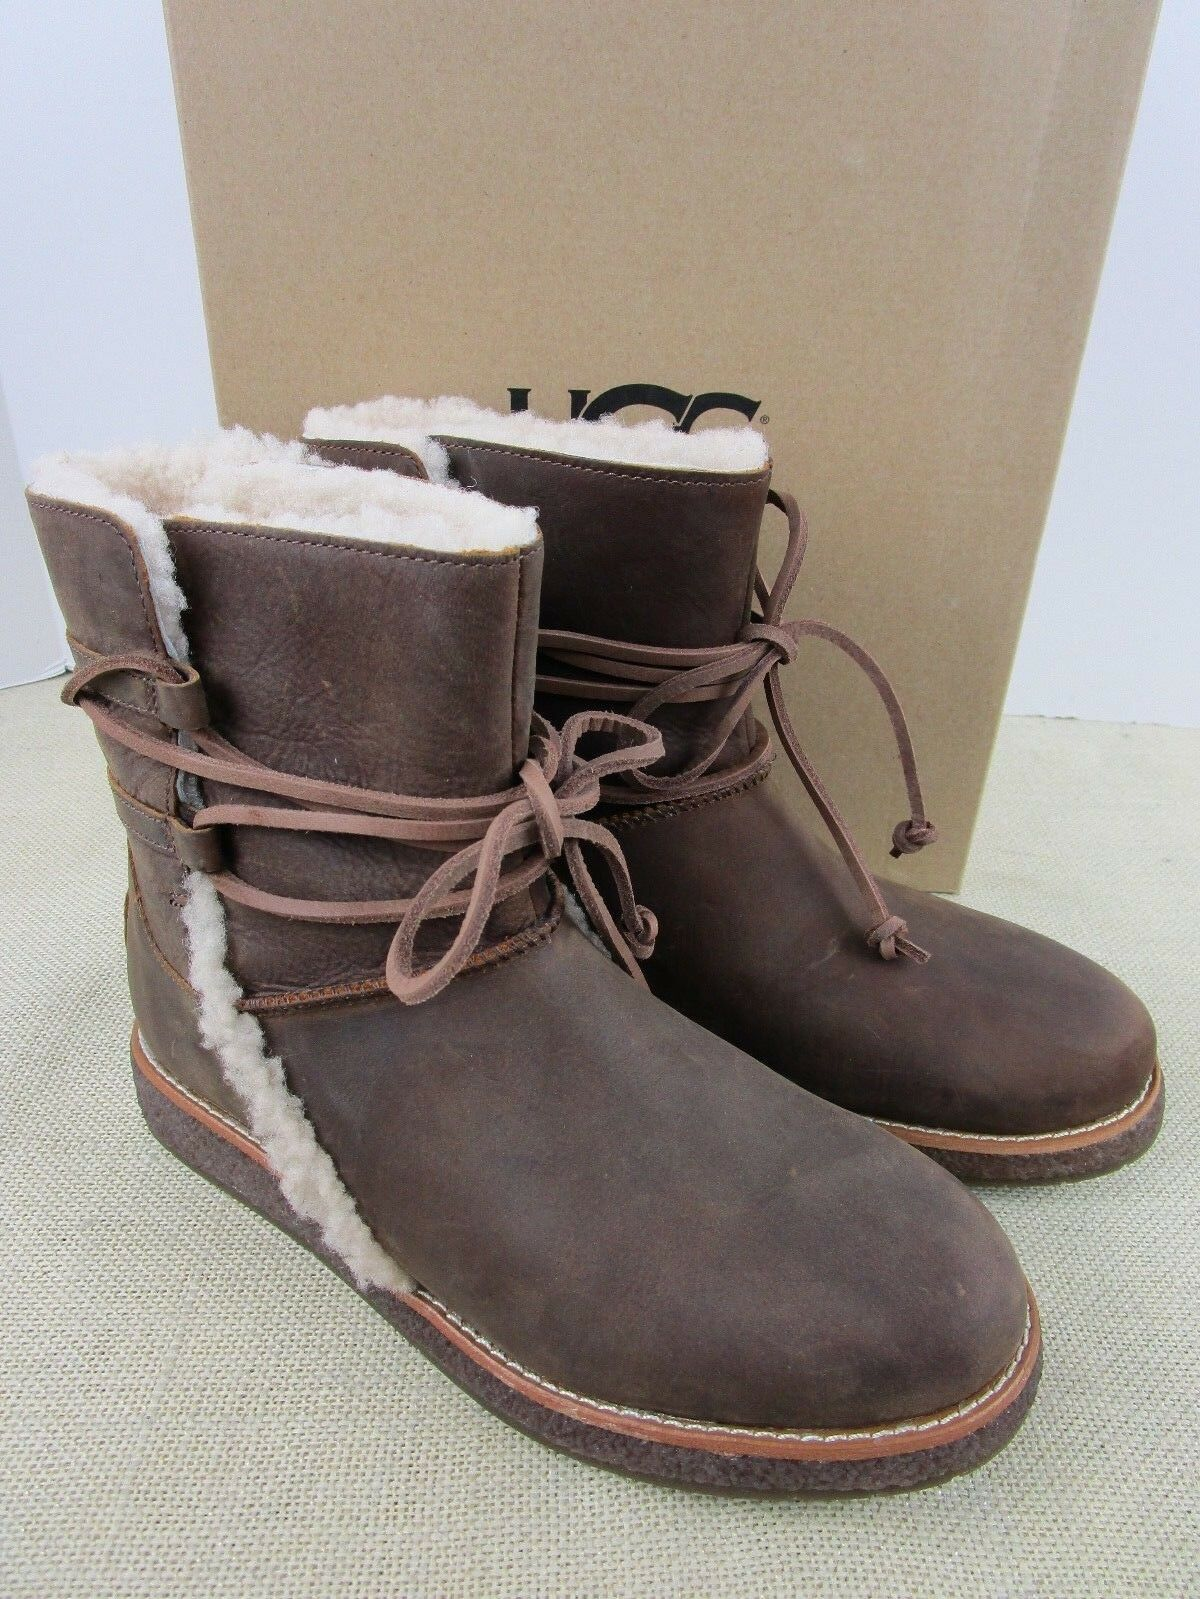 Ugg Luisa 1012545 Cho Mujer Marron Chocolate Cuero Botas De Invierno Botas Marrones Mujer Ideas Of Botas Marrones Winter Leather Boots Boots Winter Boots